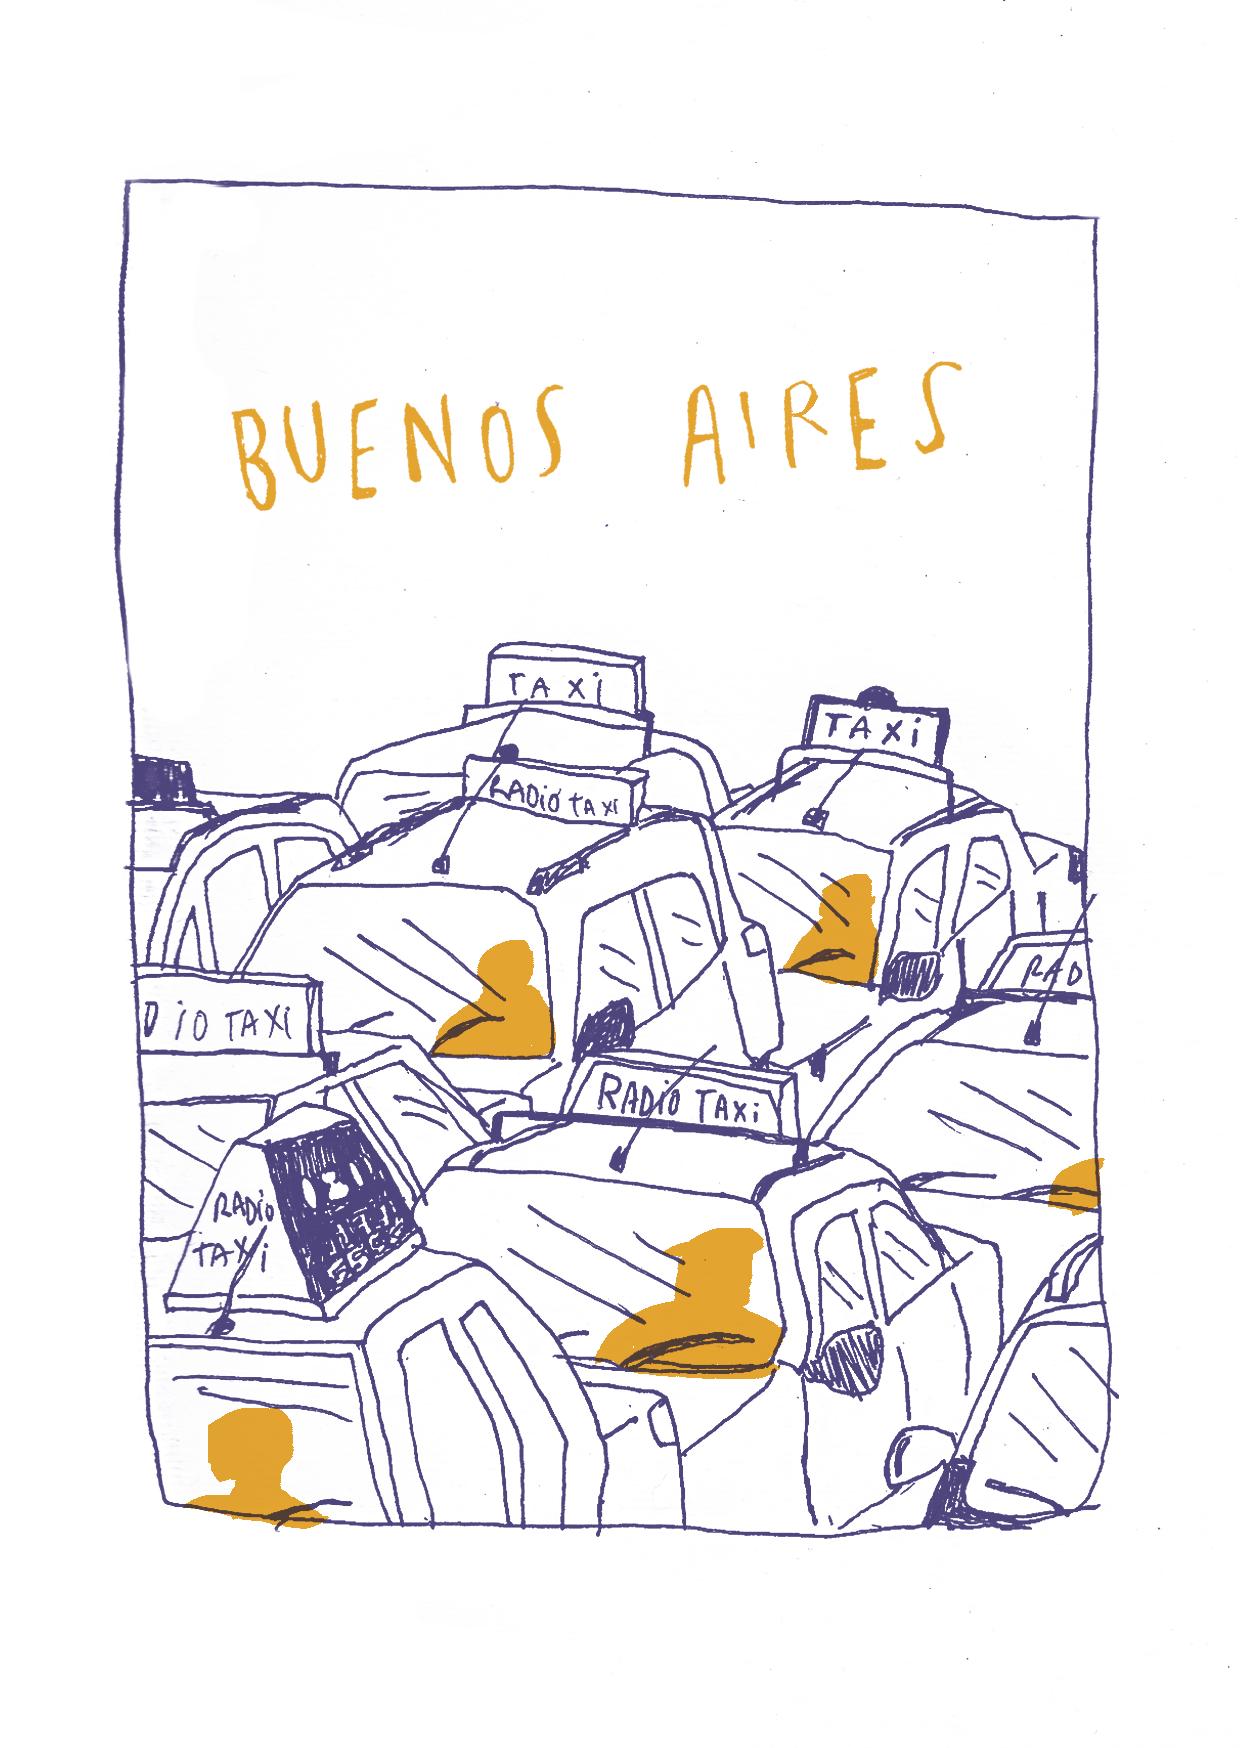 taxis_con-tacheros_1.png